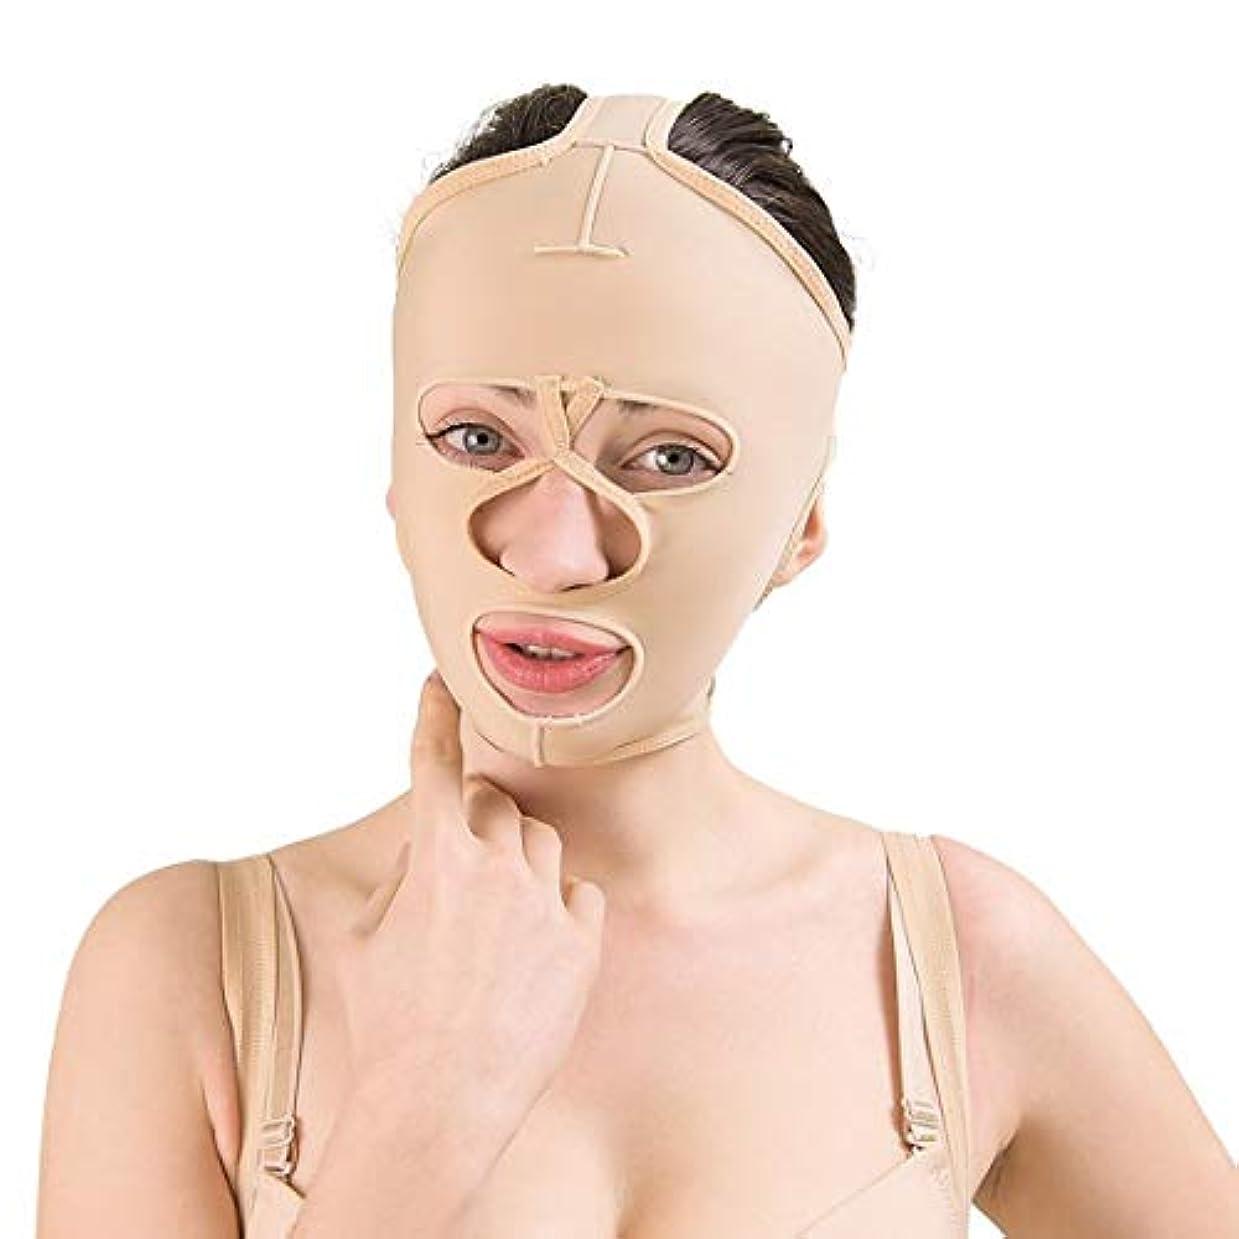 教師の日インフルエンザさまようZWBD フェイスマスク, フェイスリフト包帯医療弾性スリーブ顔面下顎形成外科術後圧縮下顎スリーブ補助修復マスクしわを削除する (Size : S)